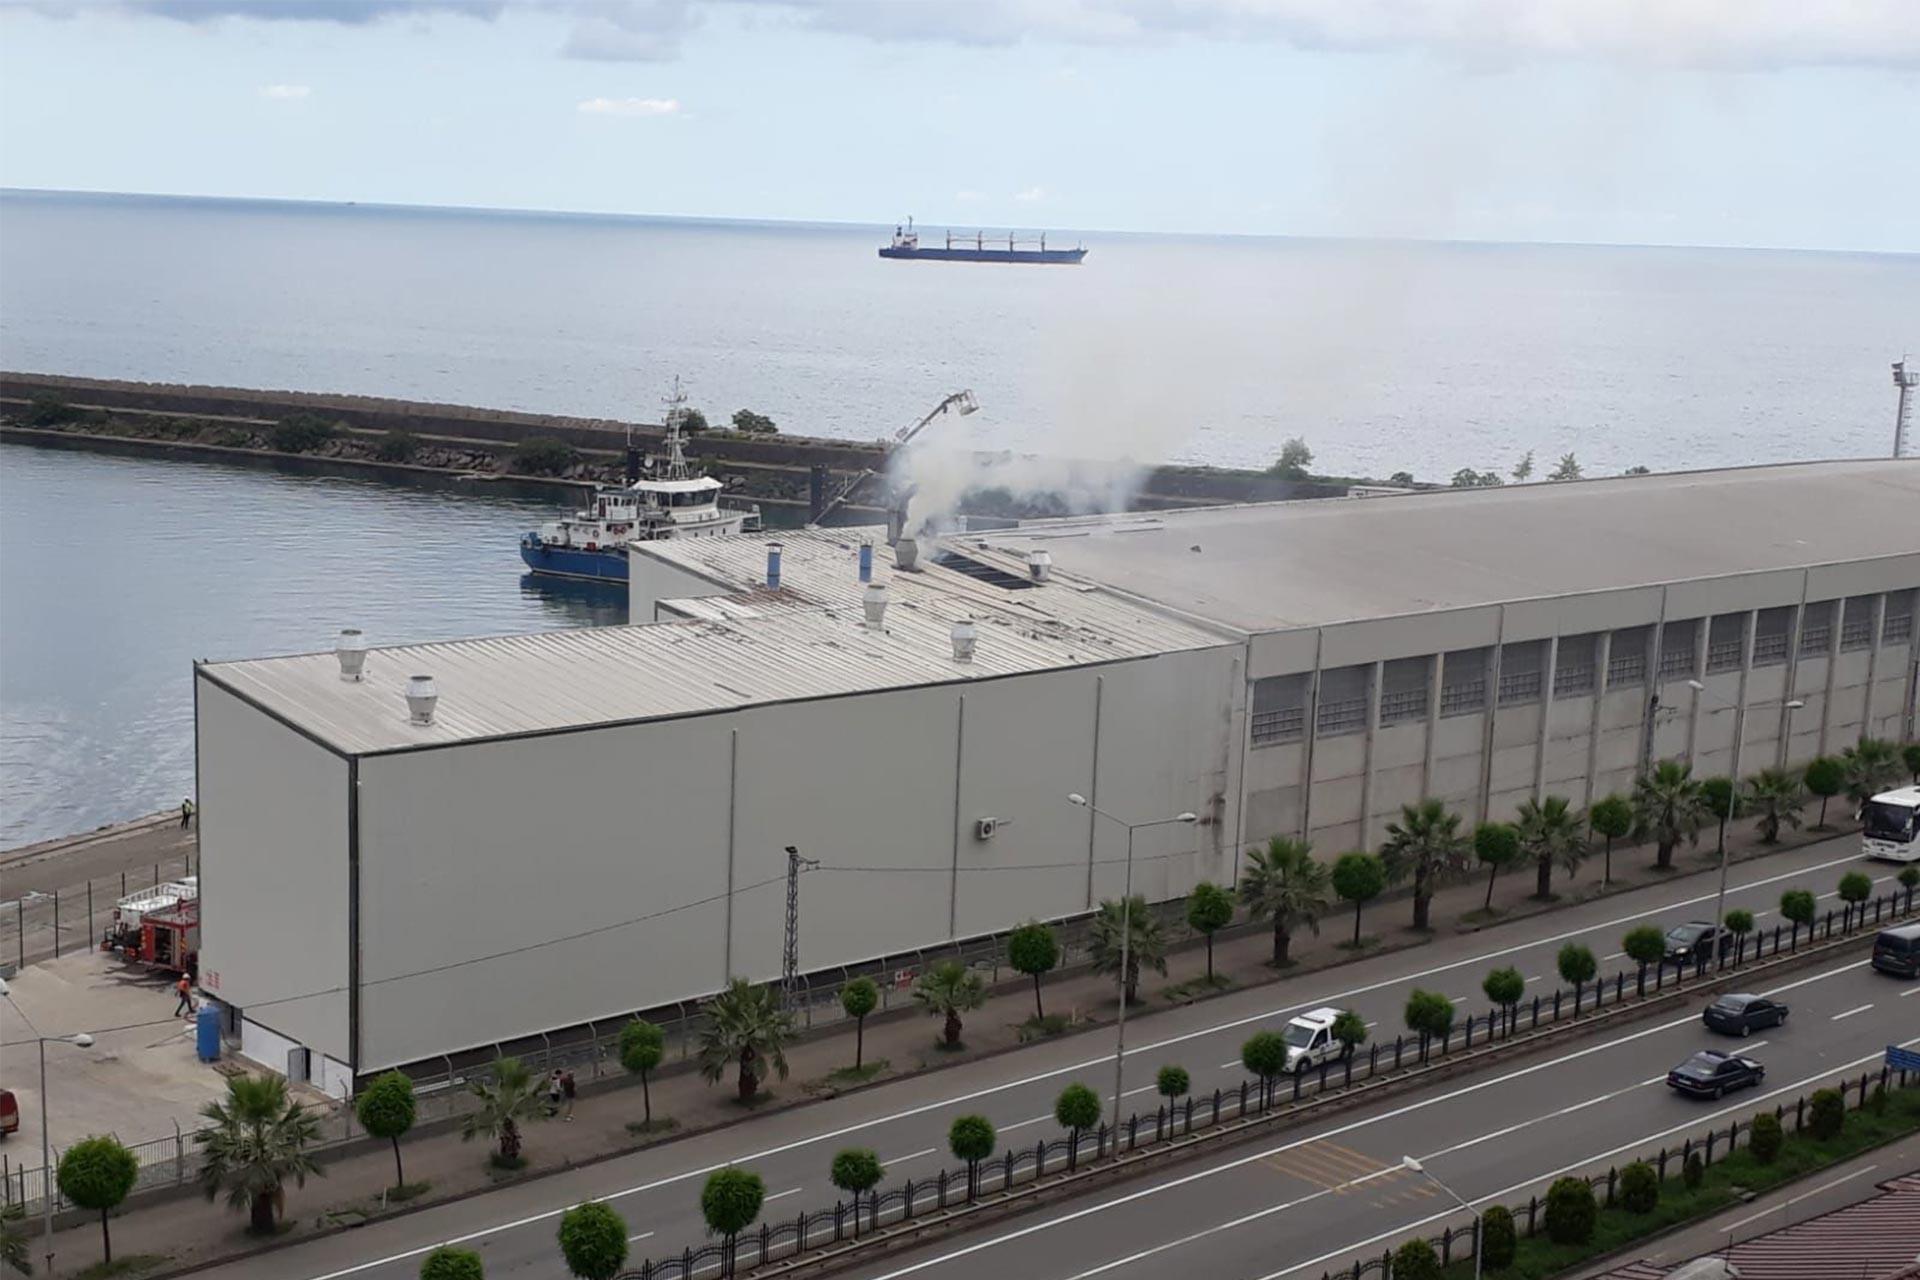 Giresun Limanında kazan dairesinde patlama meydana geldi